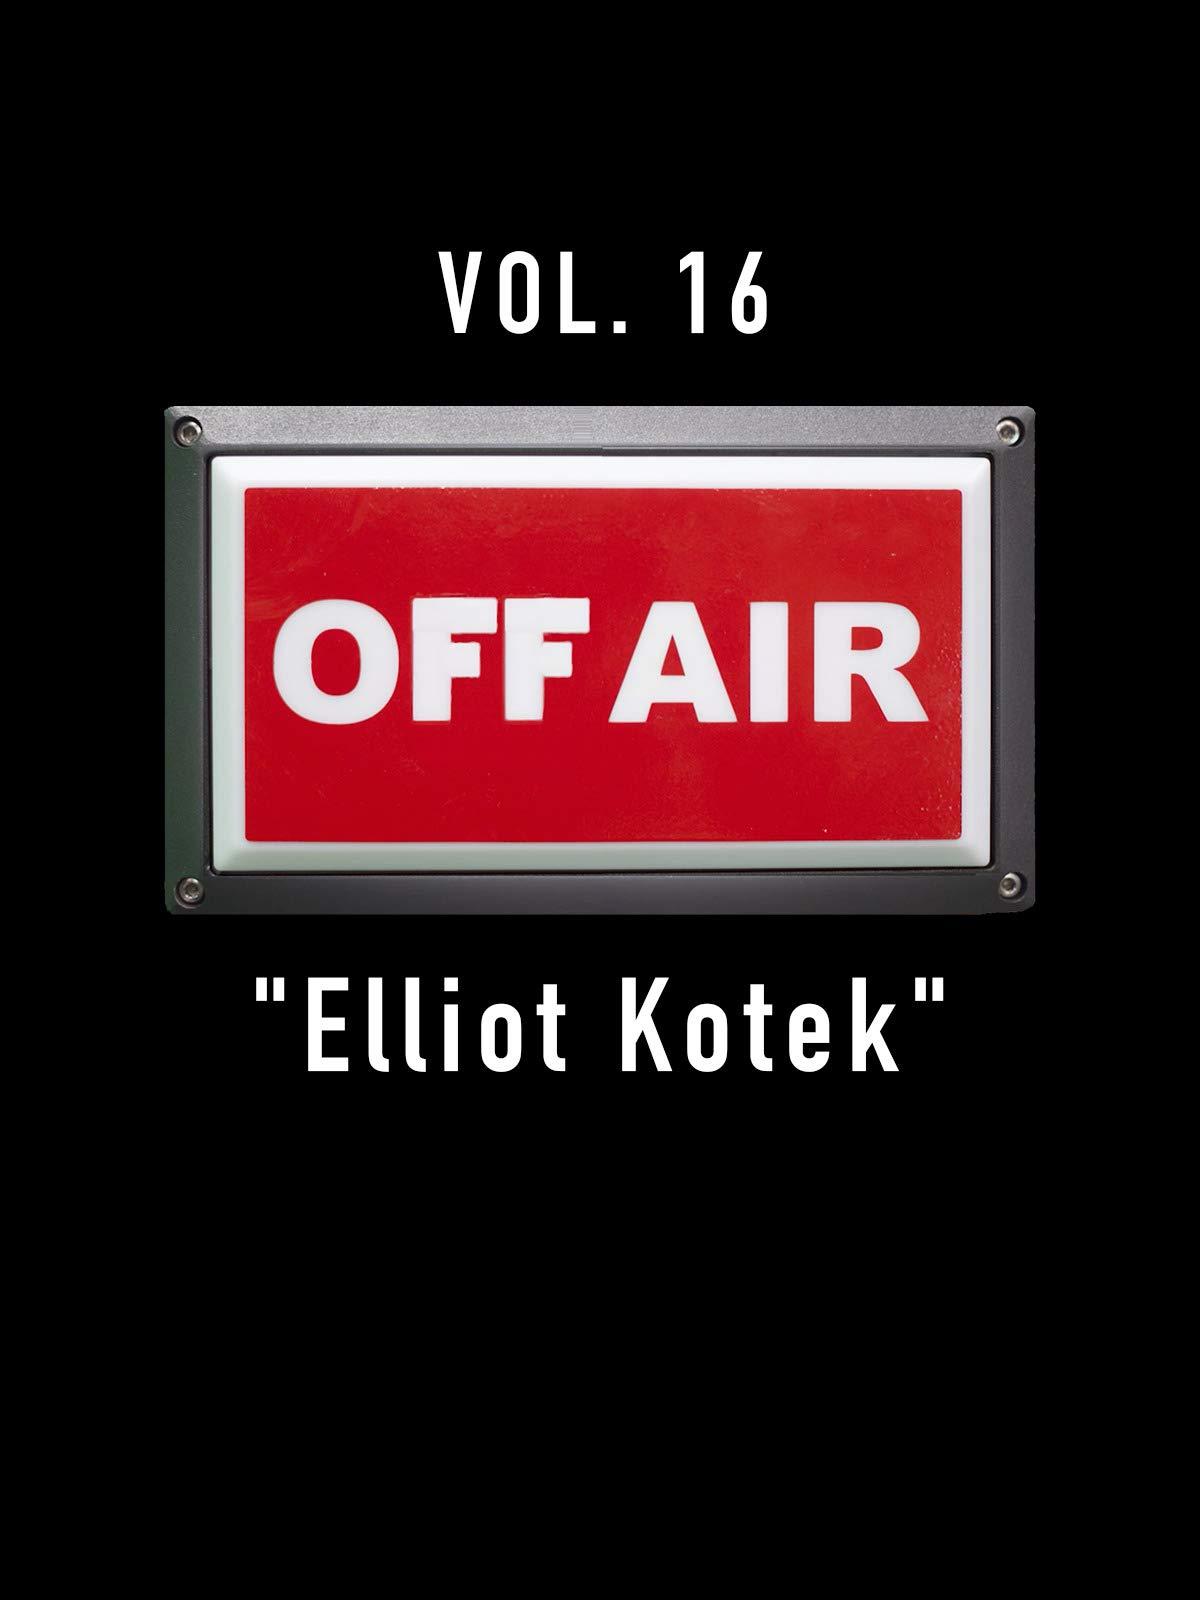 Off-Air Vol. 16